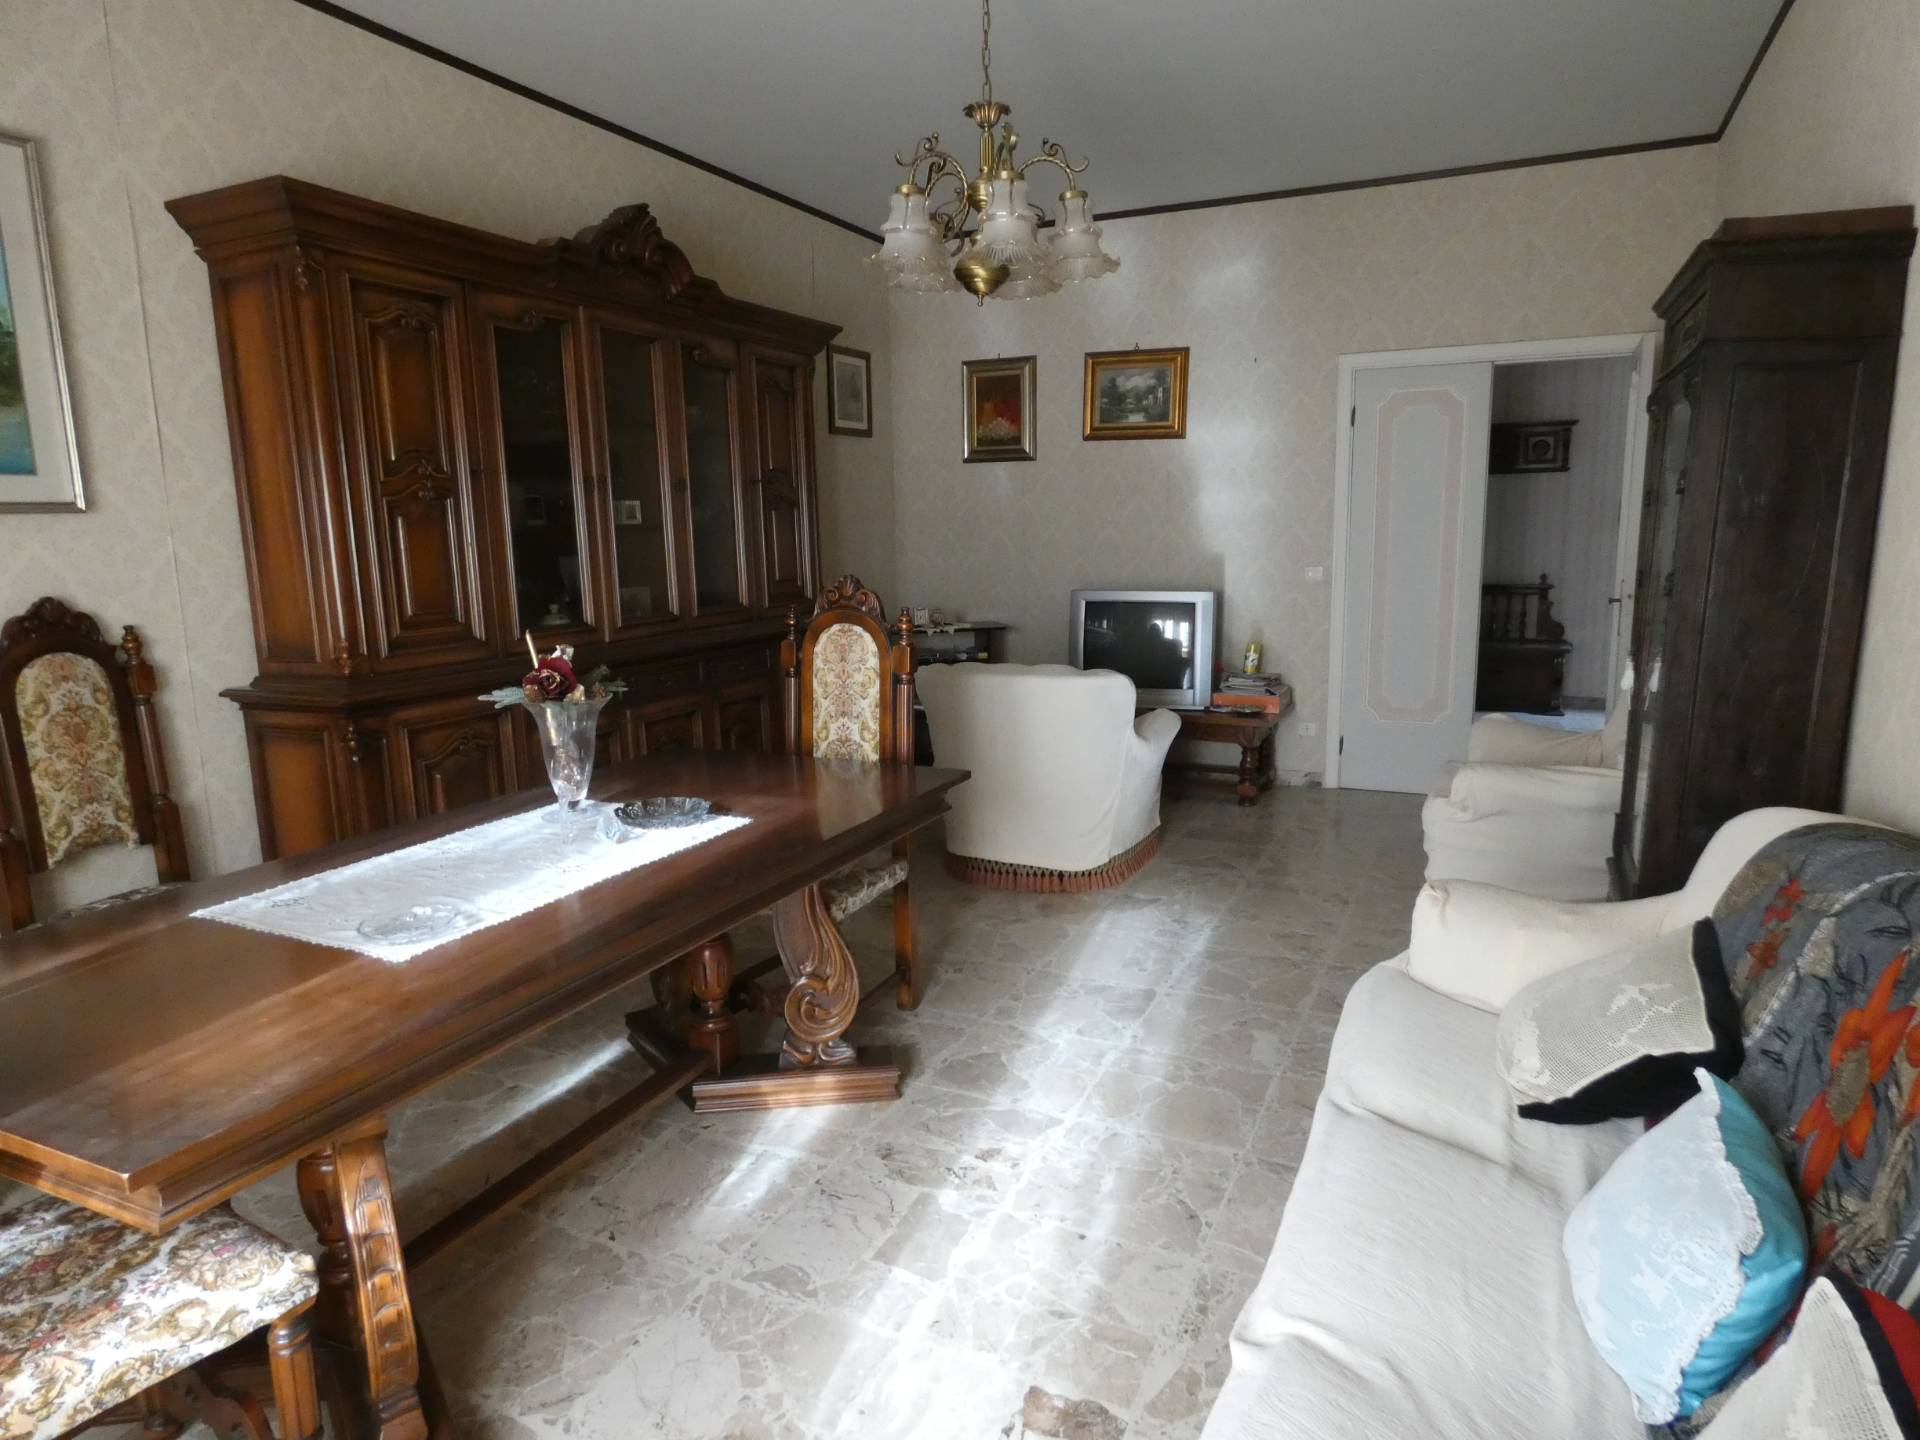 Appartamento in vendita a Macerata, 5 locali, zona Località: PACE, prezzo € 105.000 | CambioCasa.it